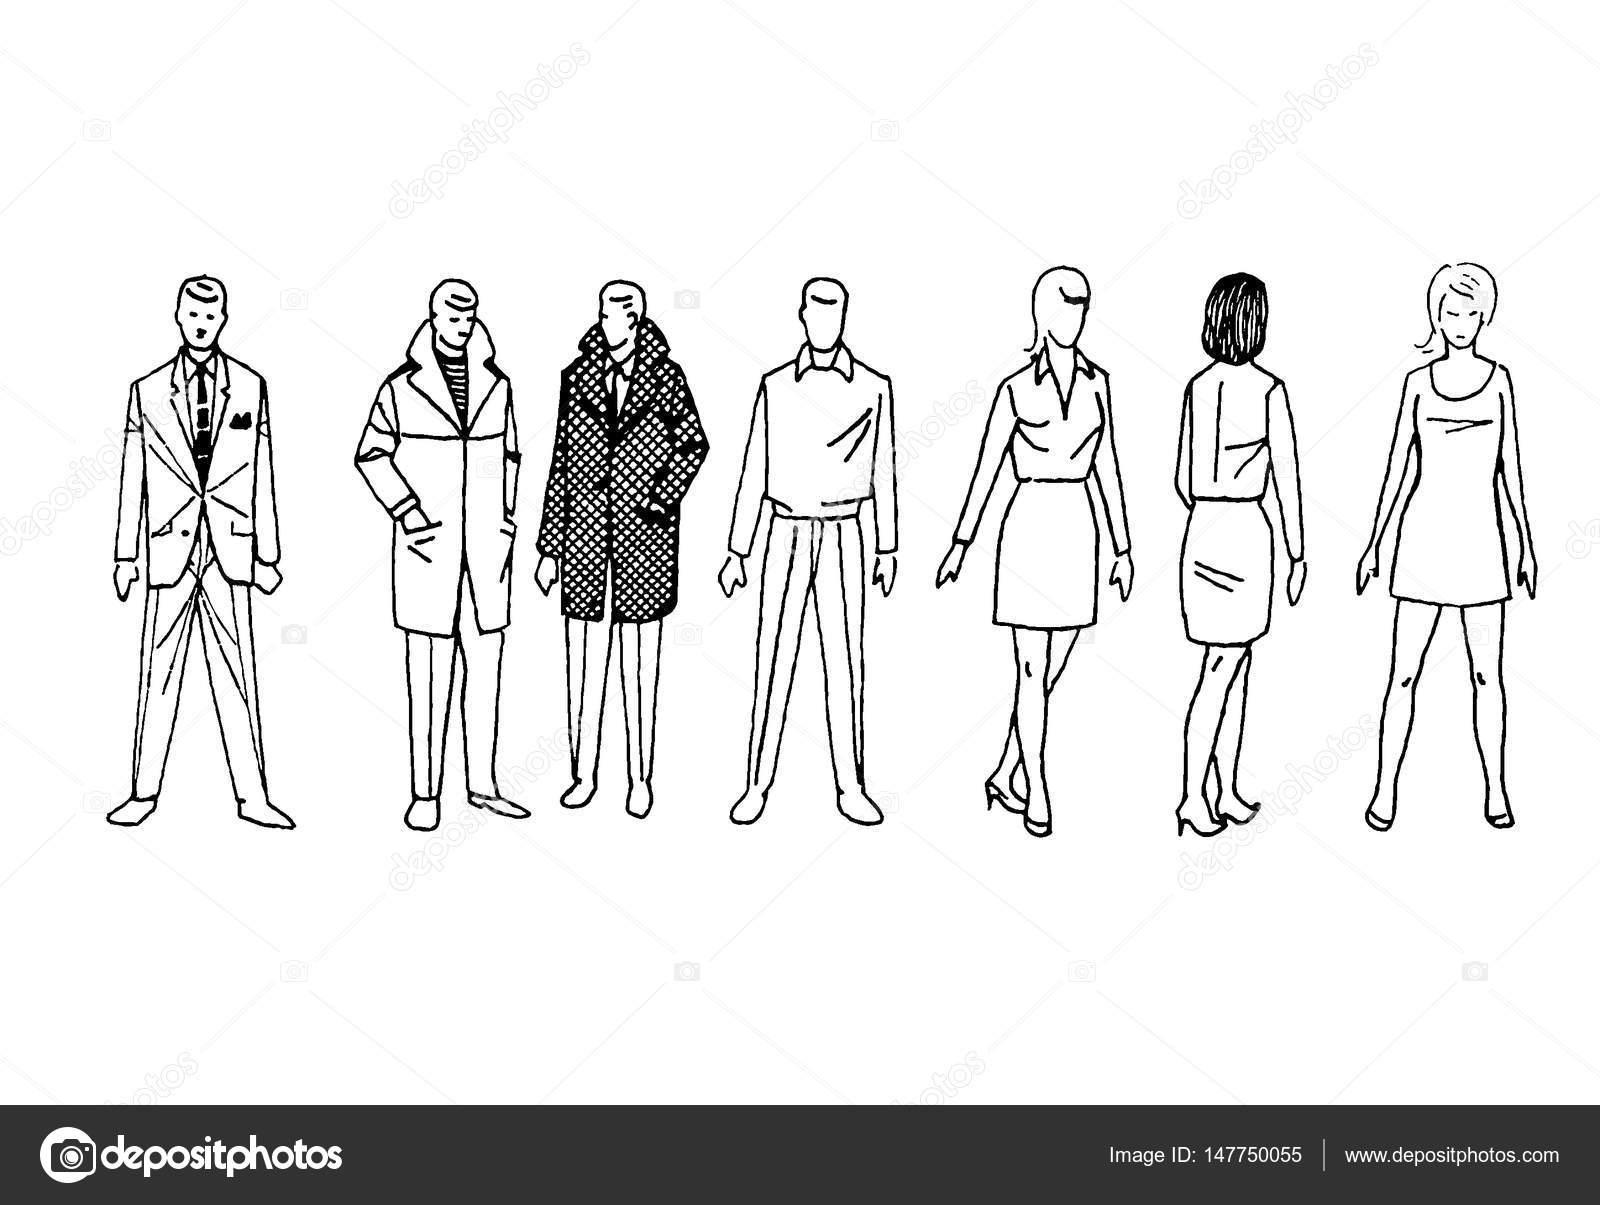 spesso figure stilizzate di uomini e donne — Foto Stock © wwaawwaa #147750049 AW02